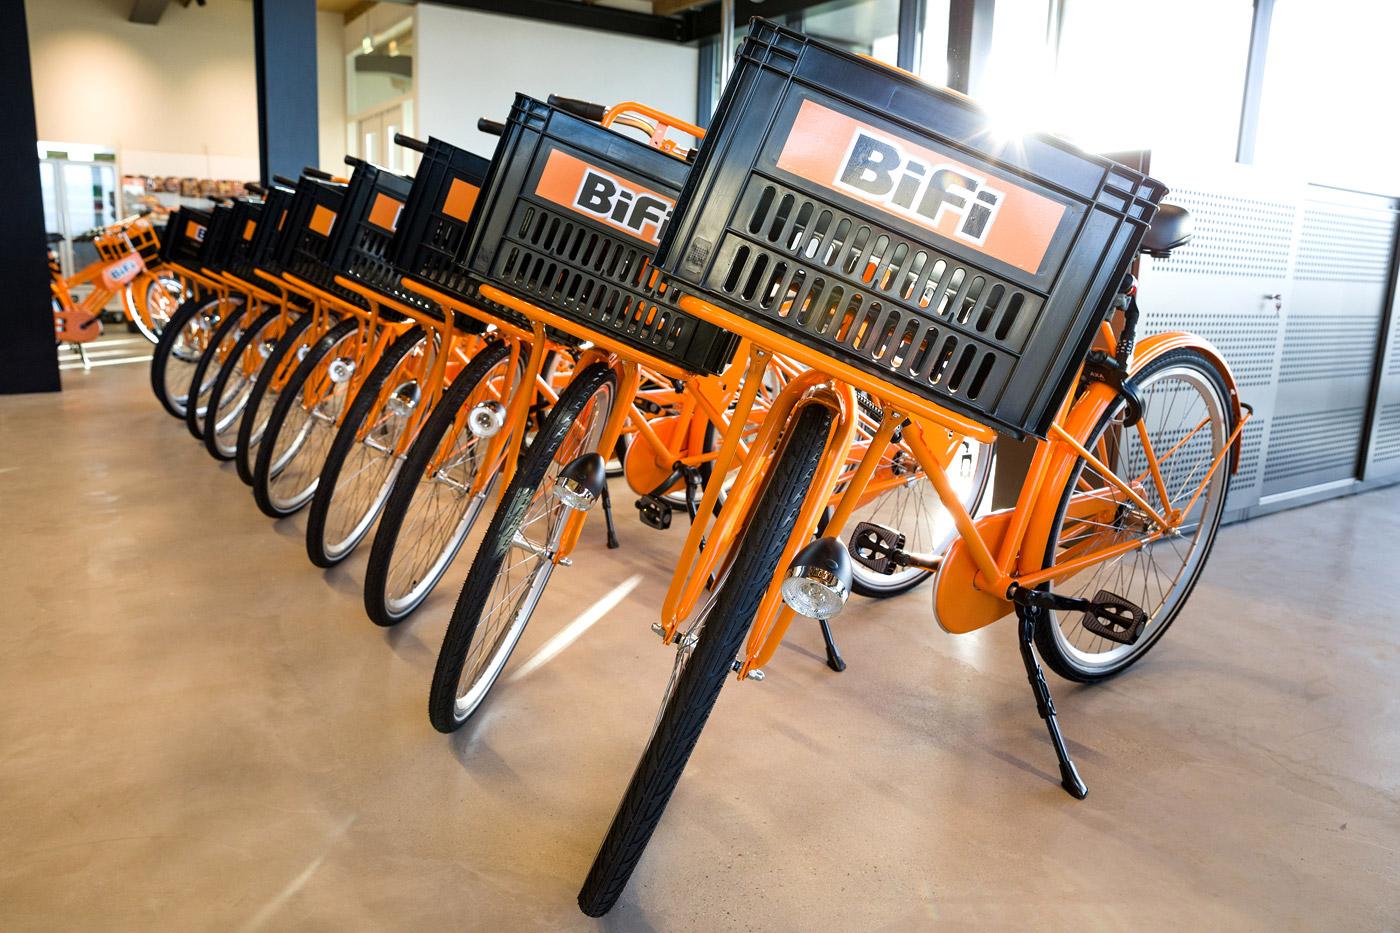 jacklinks-bifi-peperami-amsterdam-Bob-Hersbach-fotograaf-receptie-hoofdkantoor-bikes-fietsen